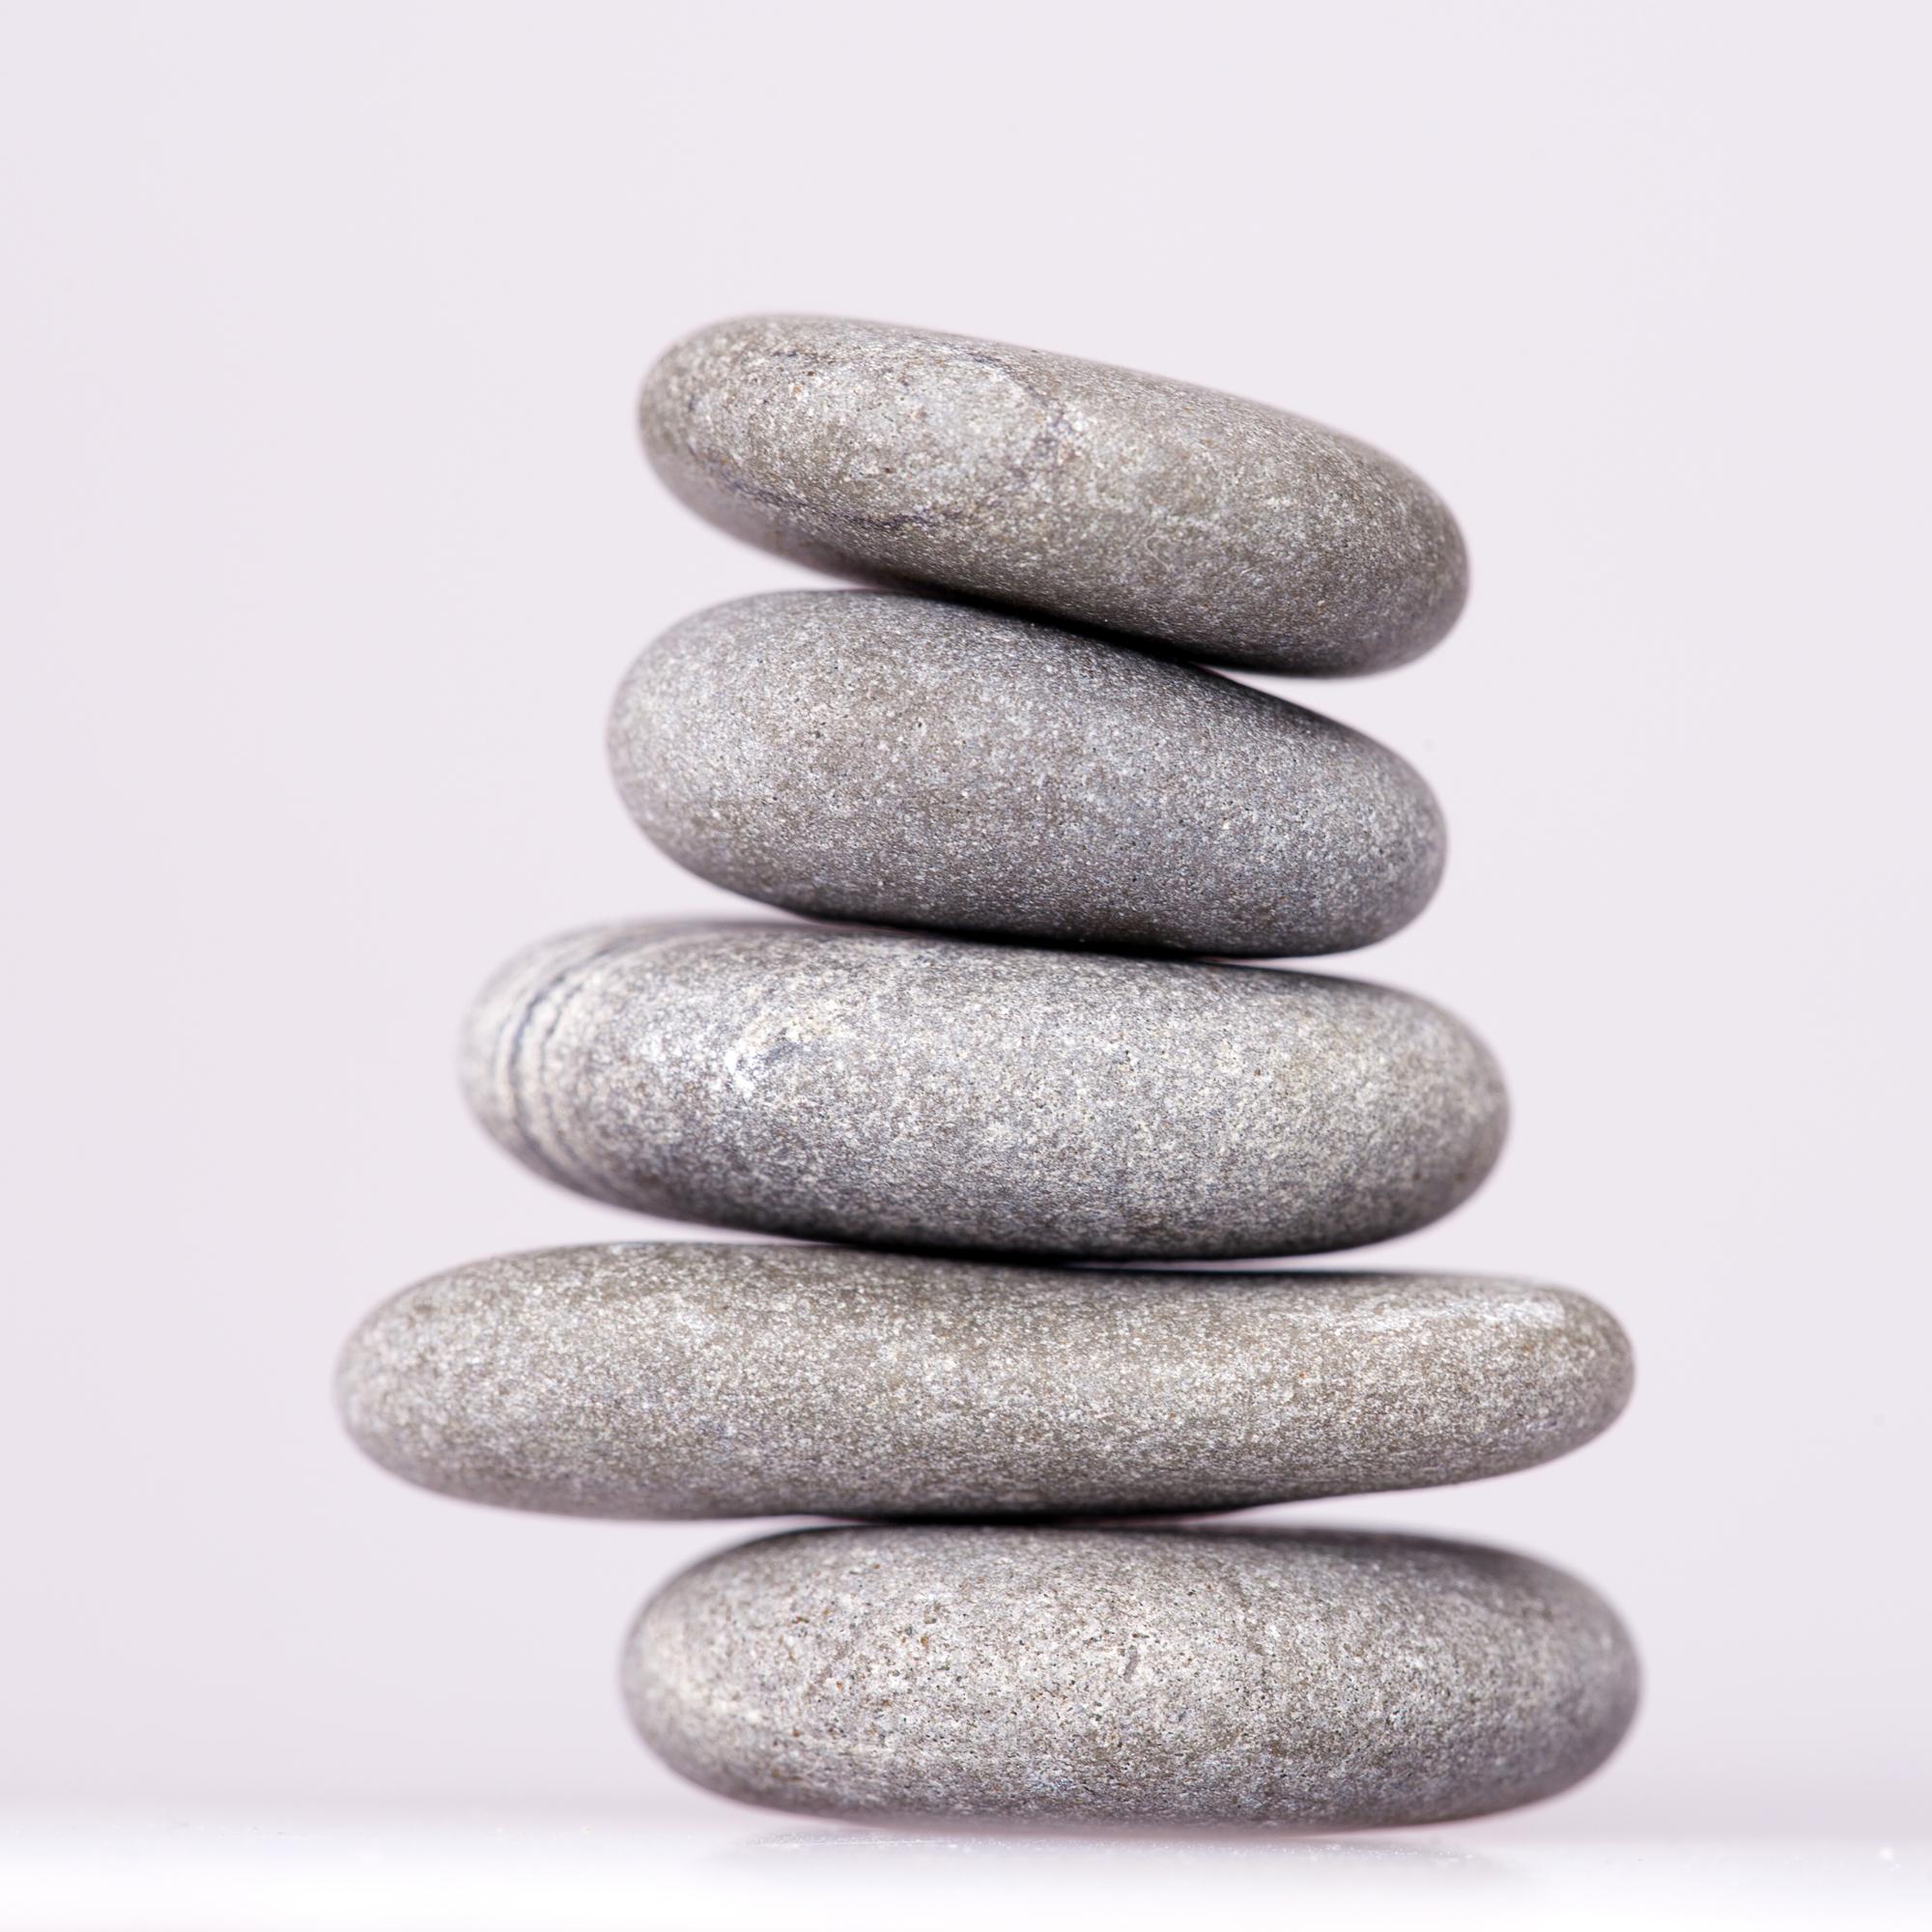 Každý základní kámen je důležitý. Závisí na nich vše ostatní.